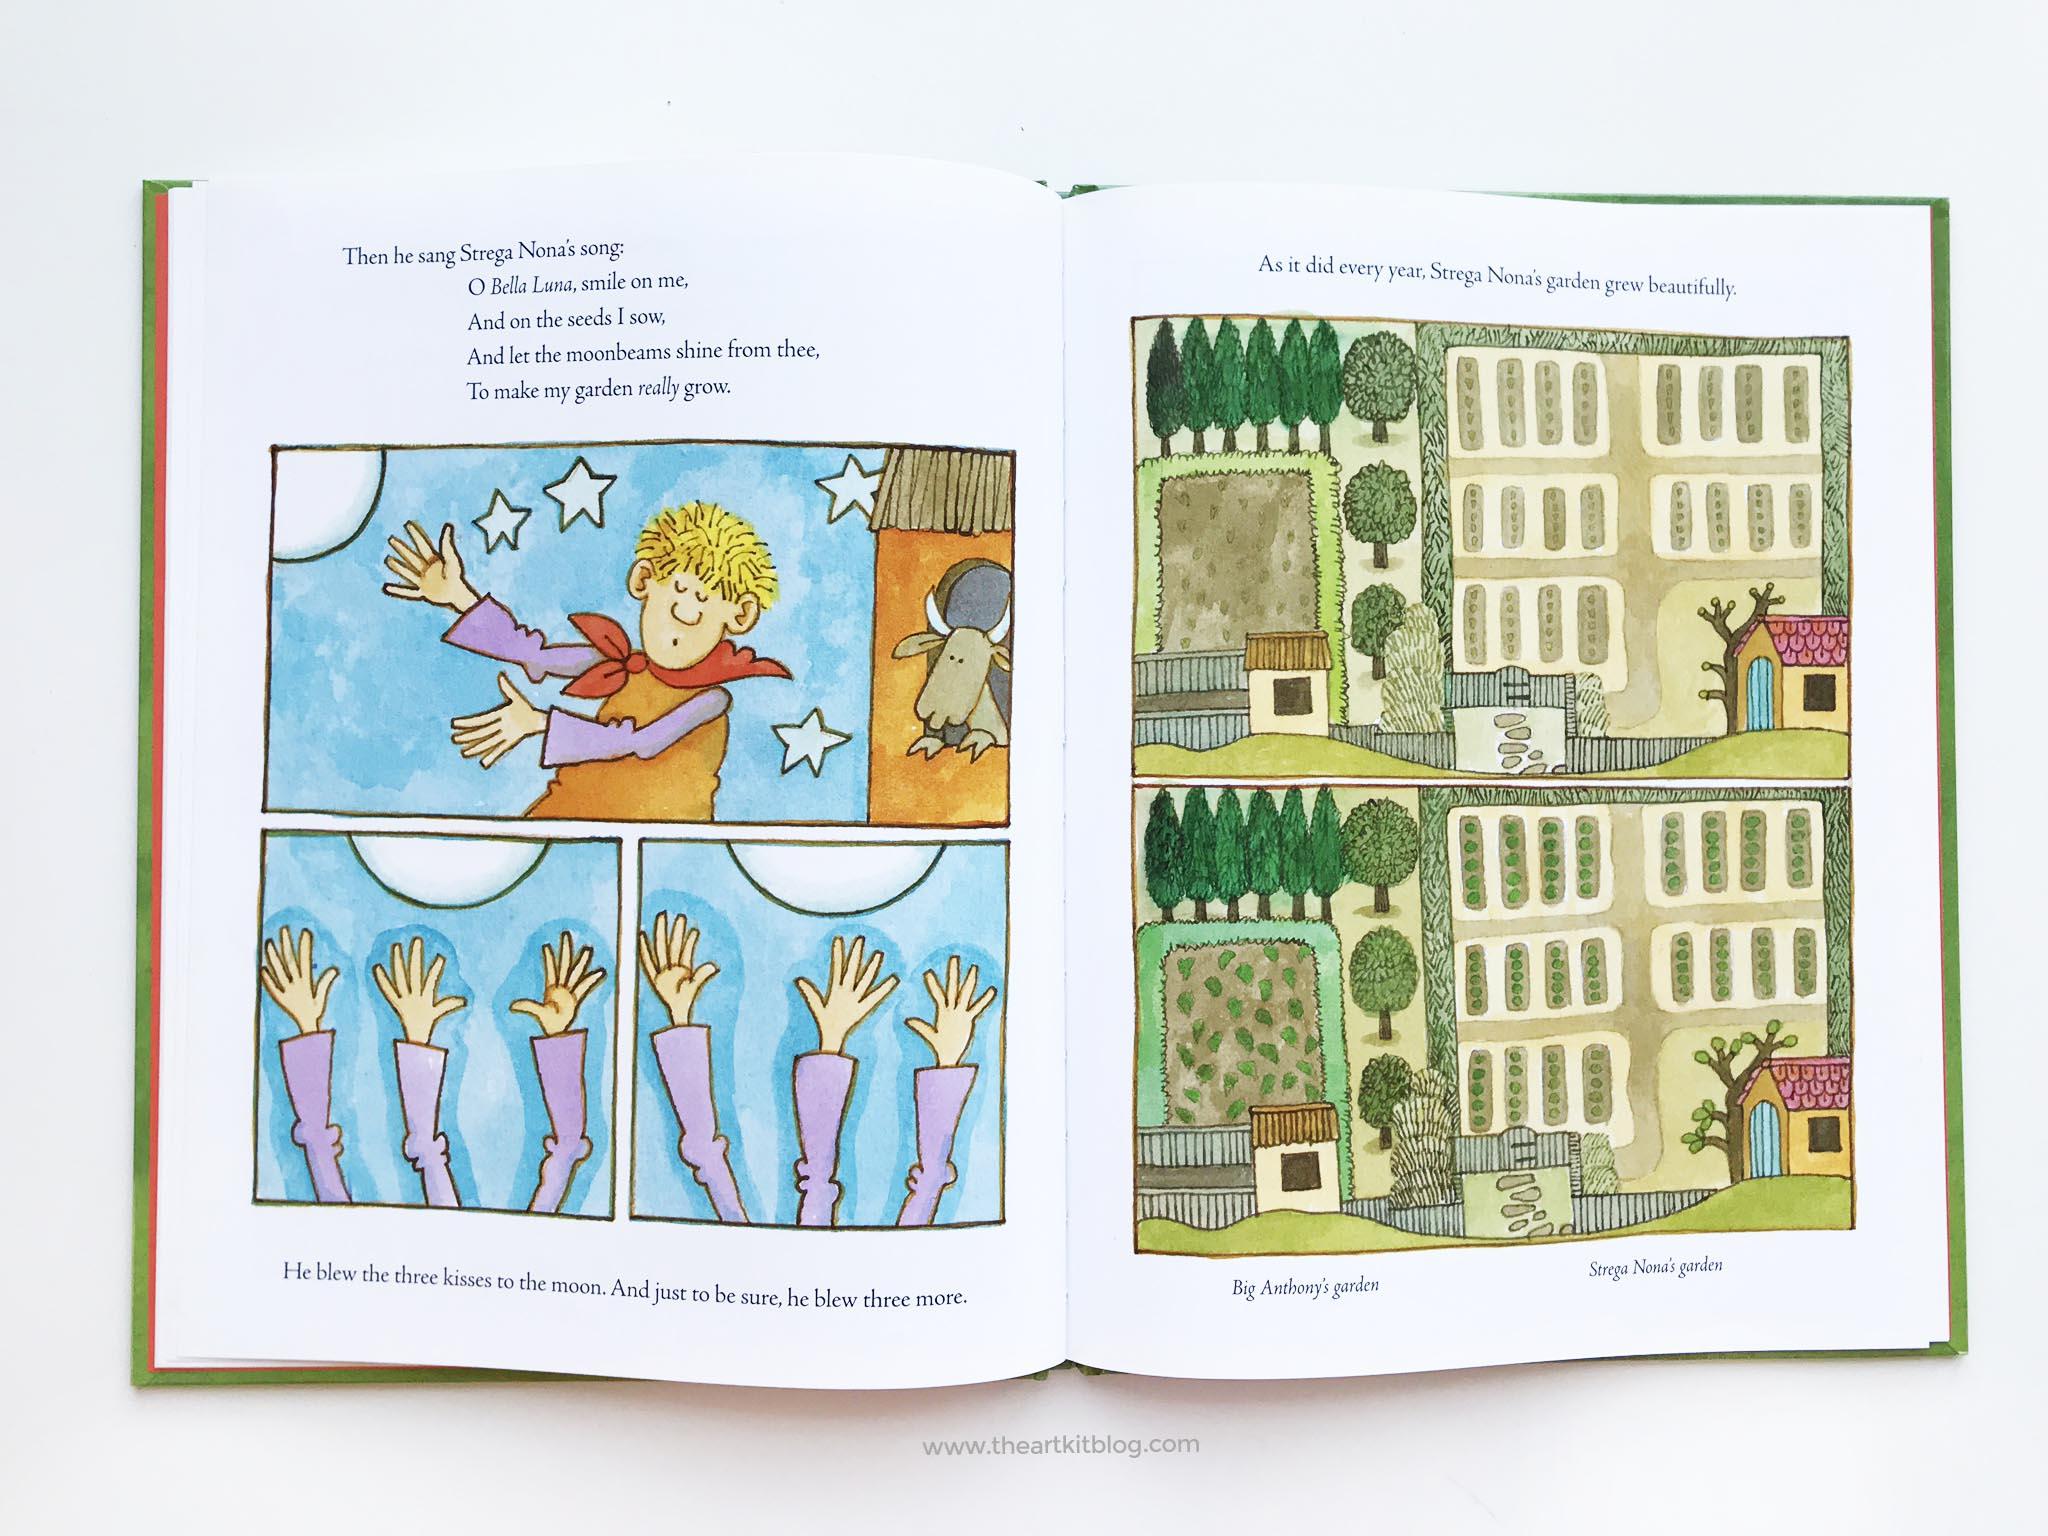 Strega Nona Fall Harvest Book Review